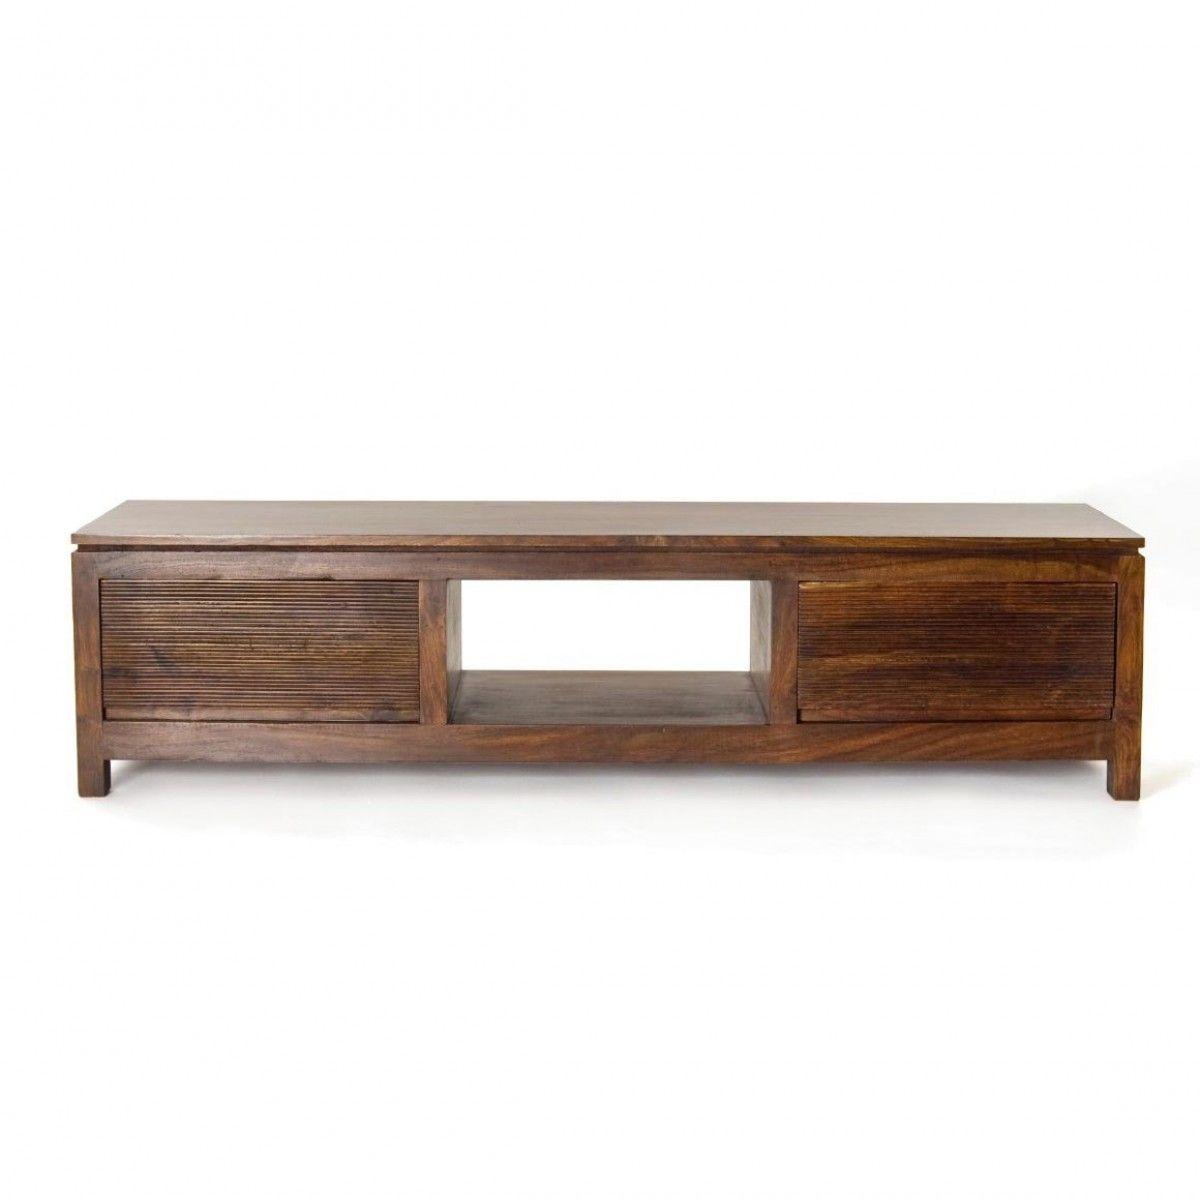 Schon Tv Mobel Braun Deutsche Furniture Decor Sideboard